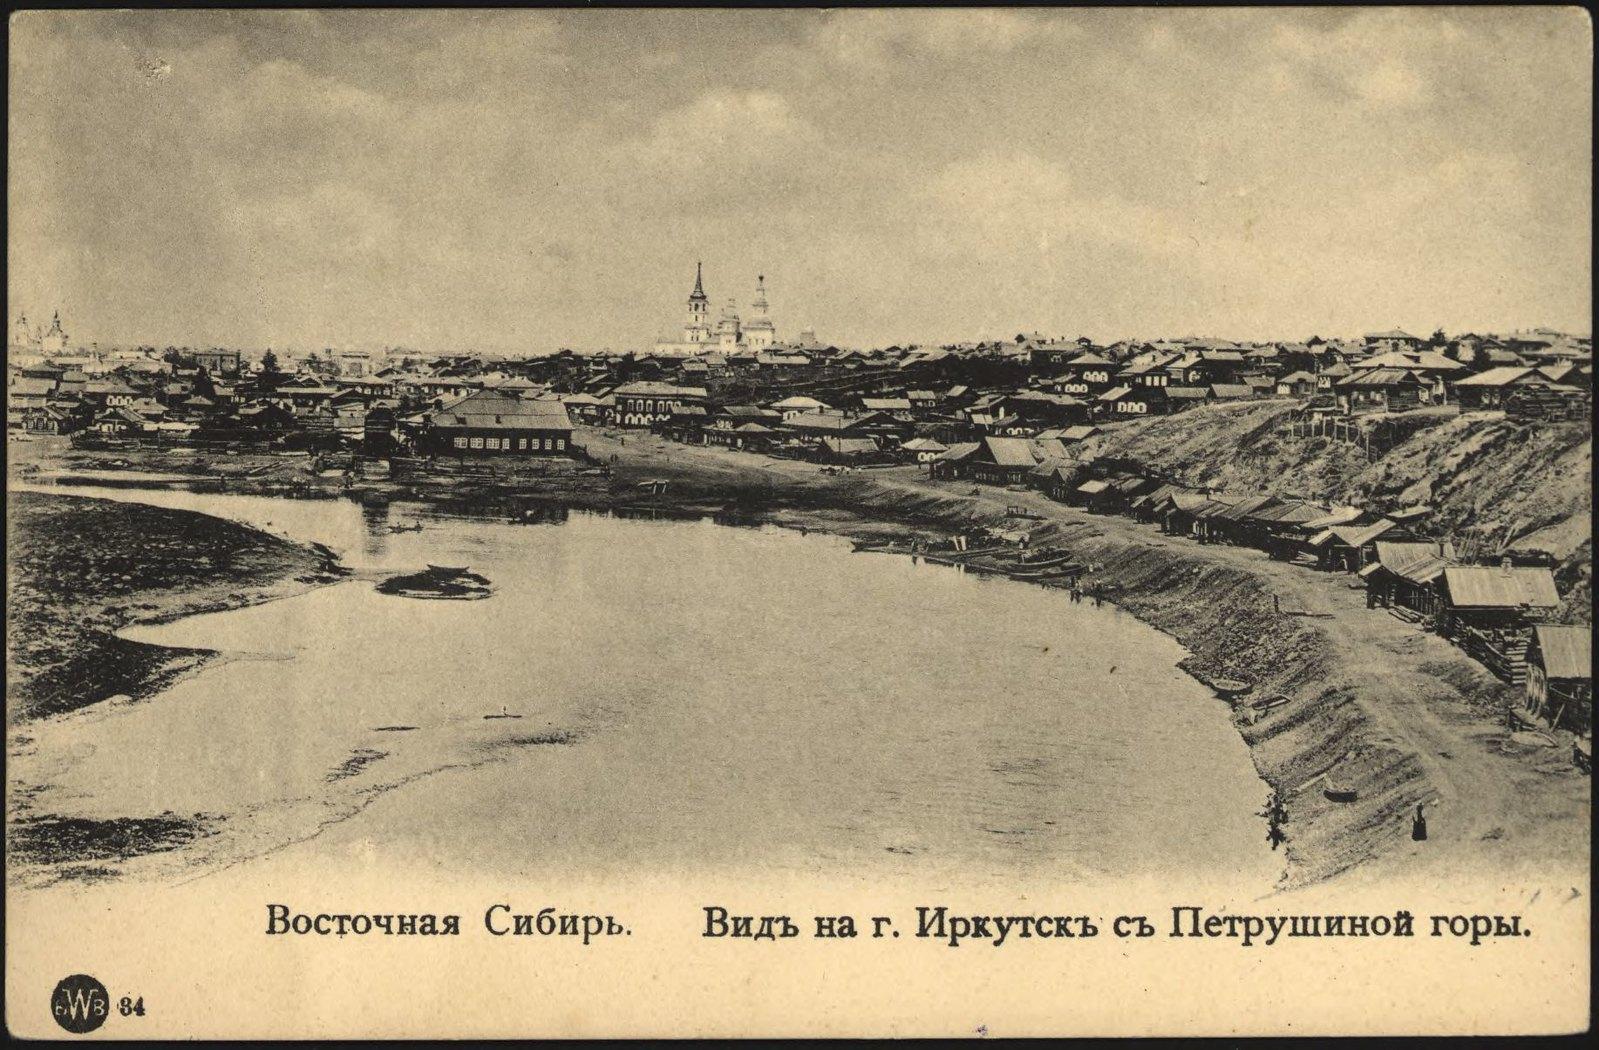 26. Вид на город Иркутск с Петрушиной горы